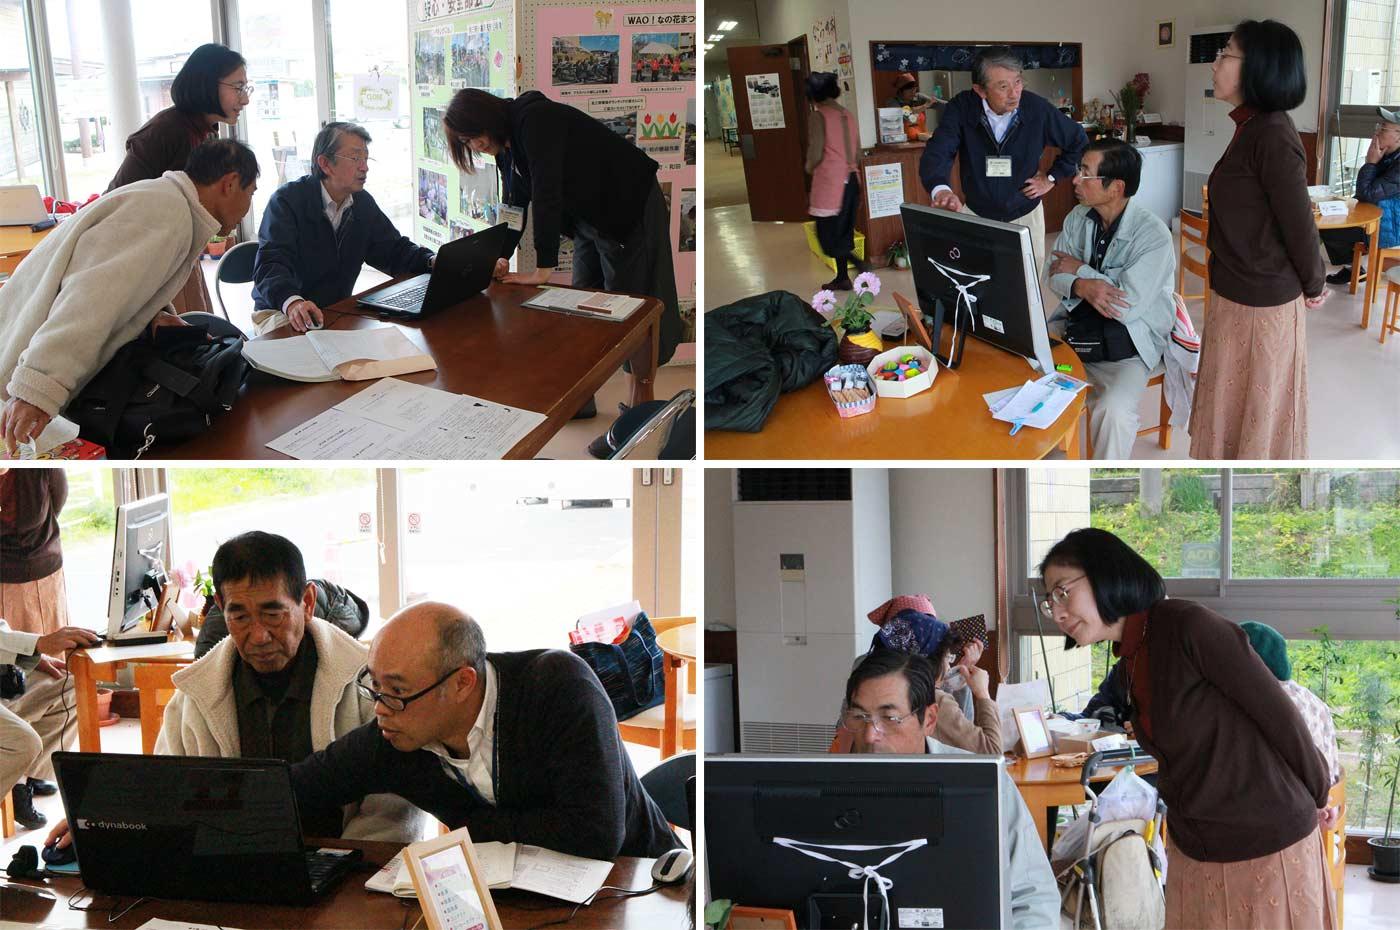 和田地域づくり協議会WAO! 生きがい部会 よろずパソコン教室 指導中